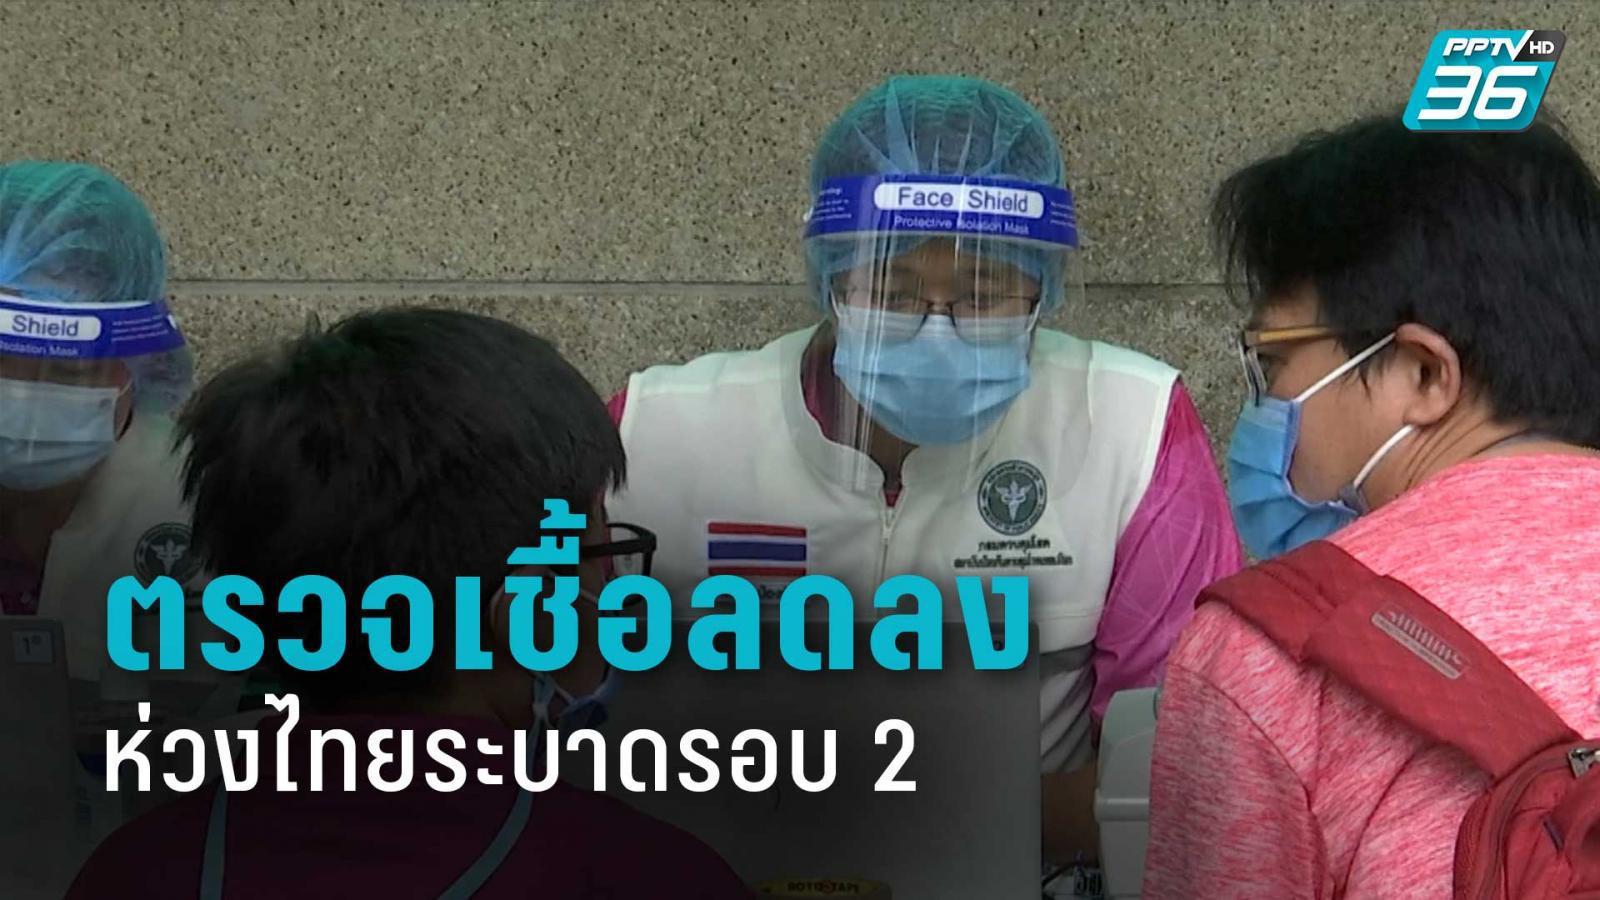 """""""นพ.ยง"""" ห่วงไทย โควิดระบาดรอบ 2 หลังตรวจเชื้อน้อยลงกว่าครึ่ง"""